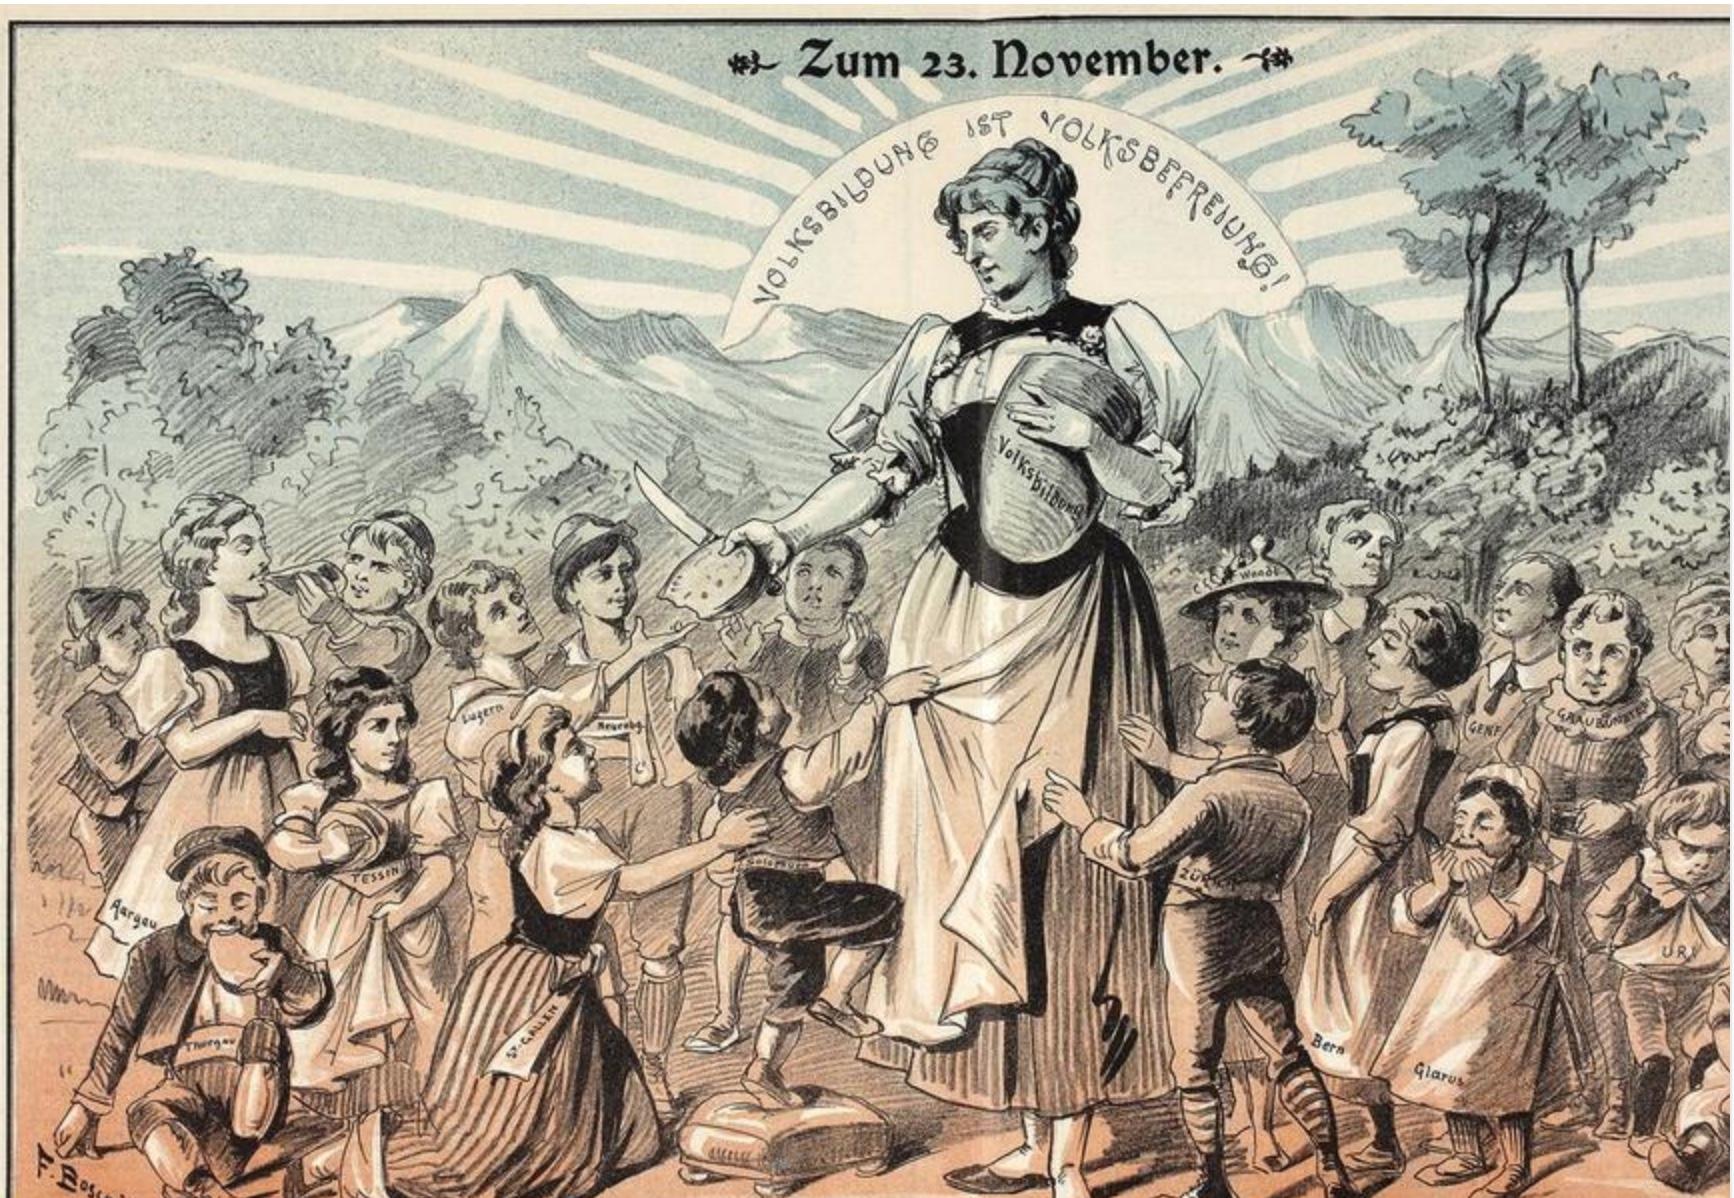 Die Karikatur verdeutlicht den hohen Wert der Bildung im liberalen Staat. Helvetia verteilt gratis Bildung an die wissenshungrigen Kinder (Karikatur 1902).